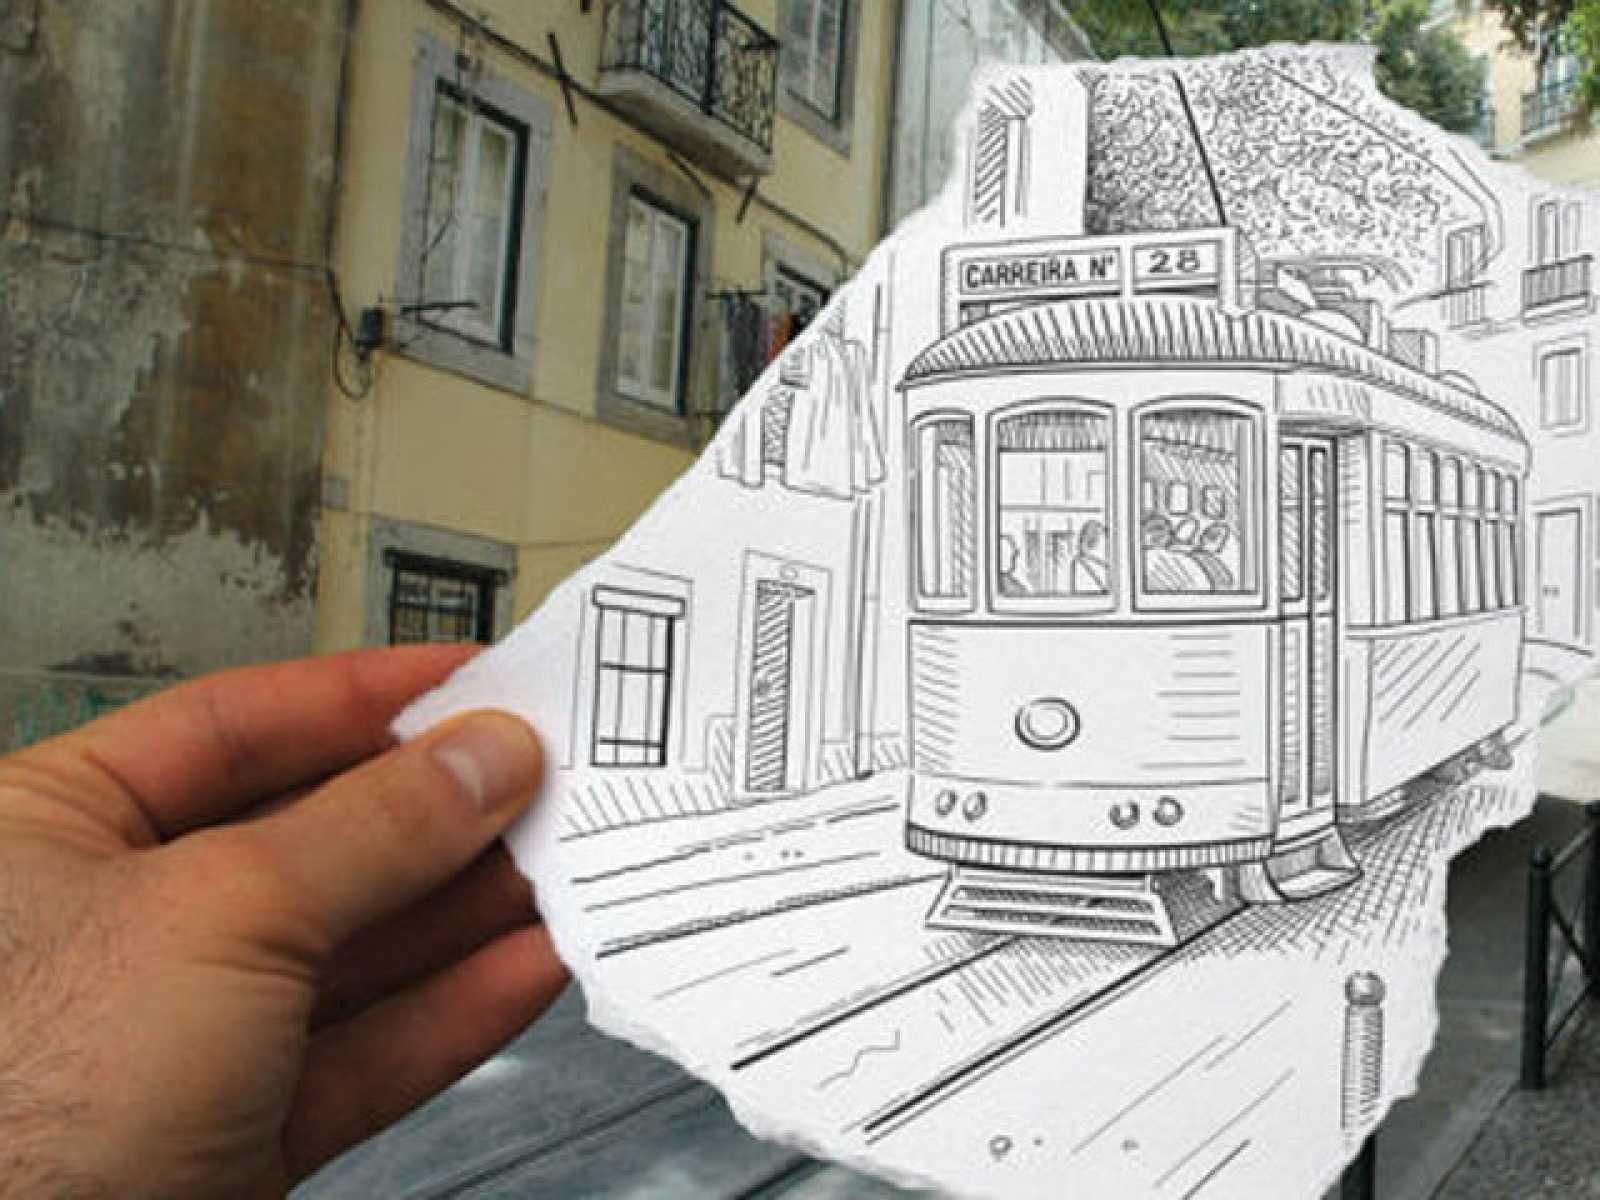 La Nueva Manera De Dibujar A Golpe De Lápiz Por El Artista Belga